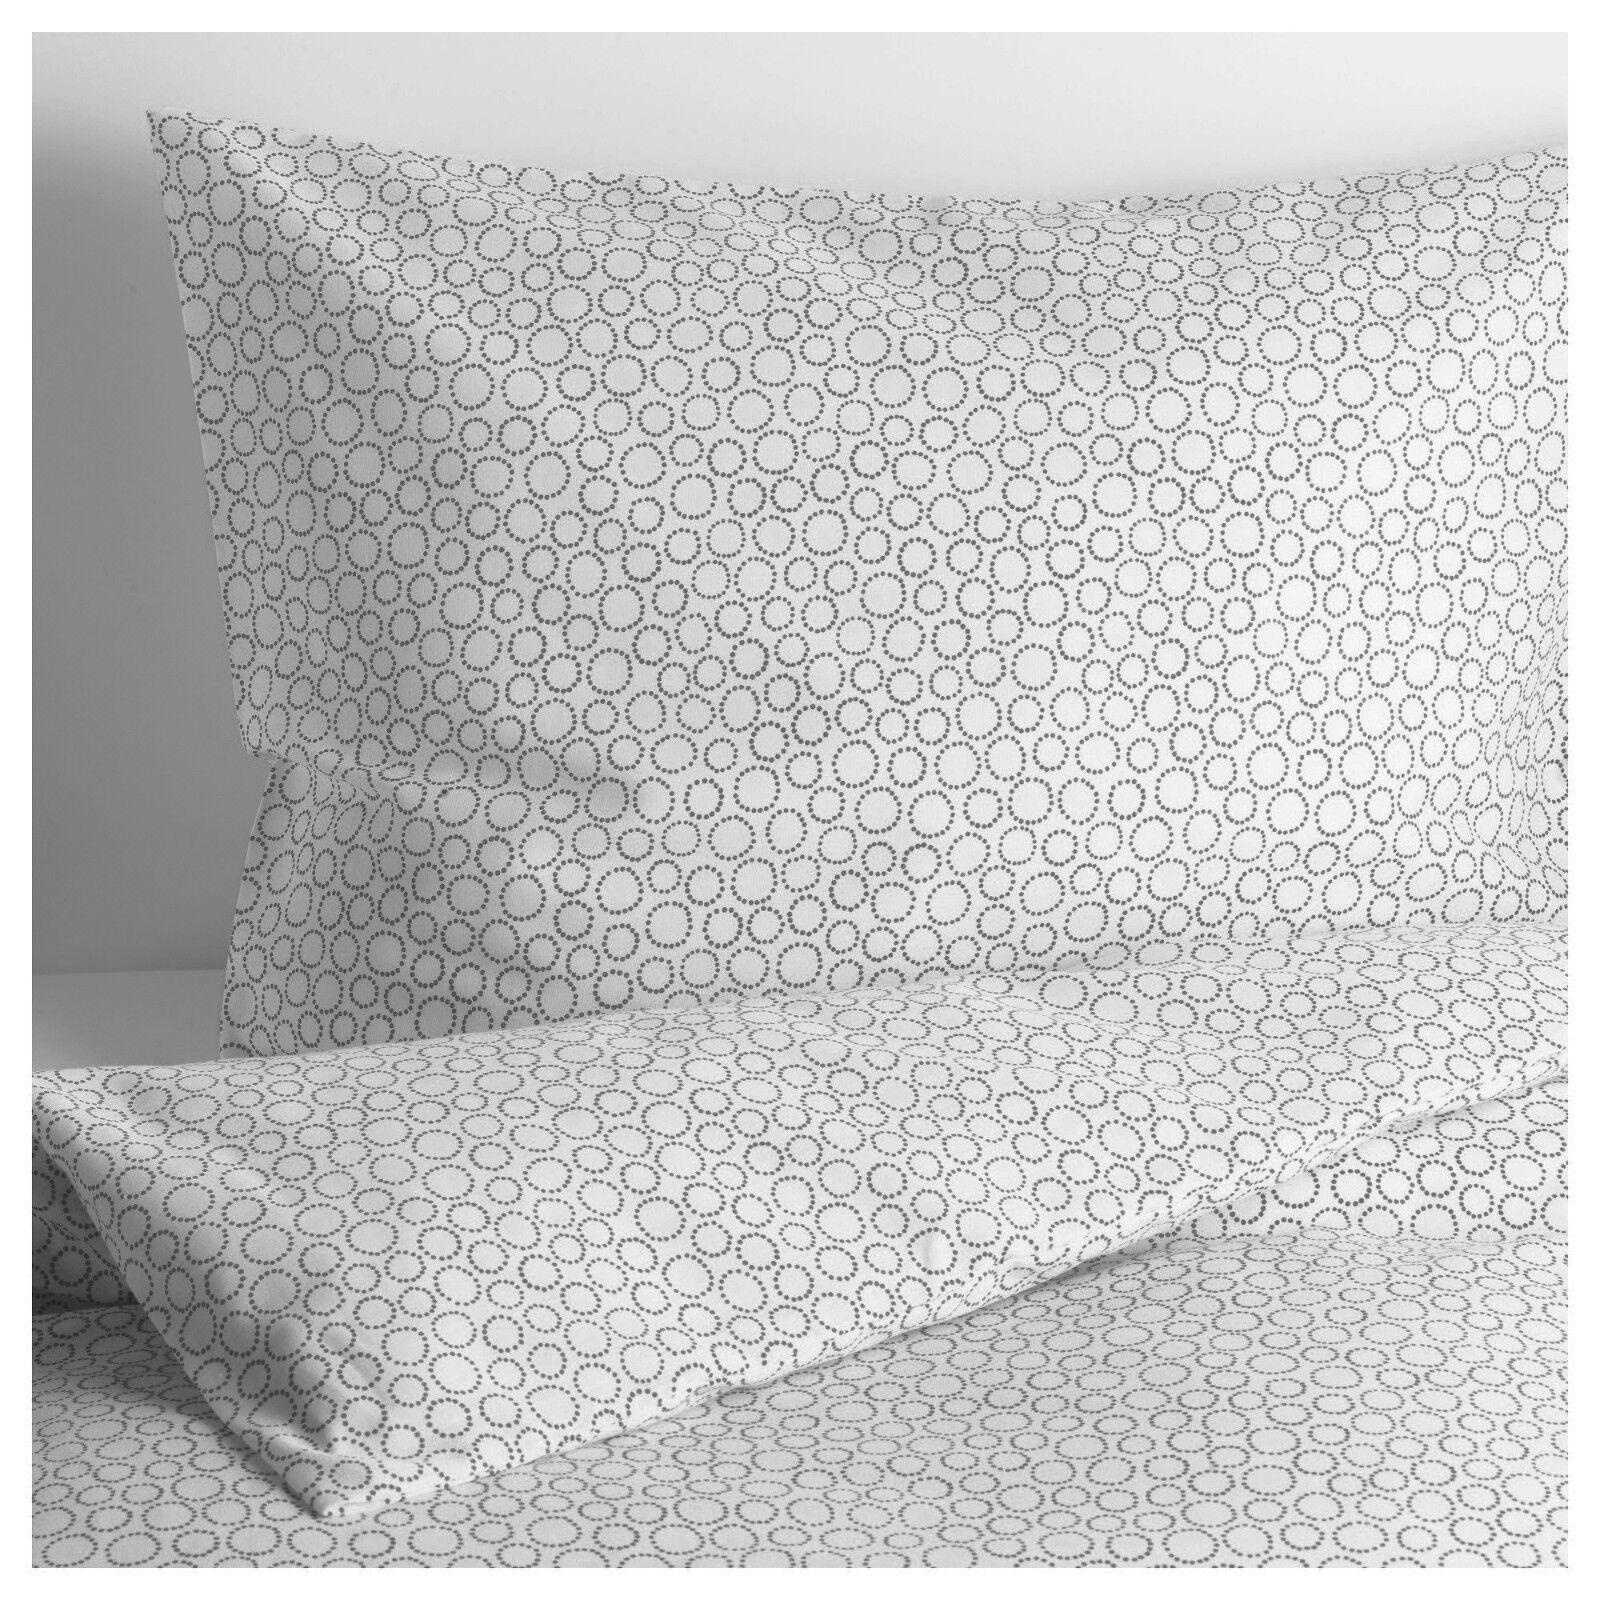 16 Teilige Set Ikea Bettwäsche 140x200 cm Bettbezug Bettgarnitur Bettbezüge NEU  | Schön In Der Farbe